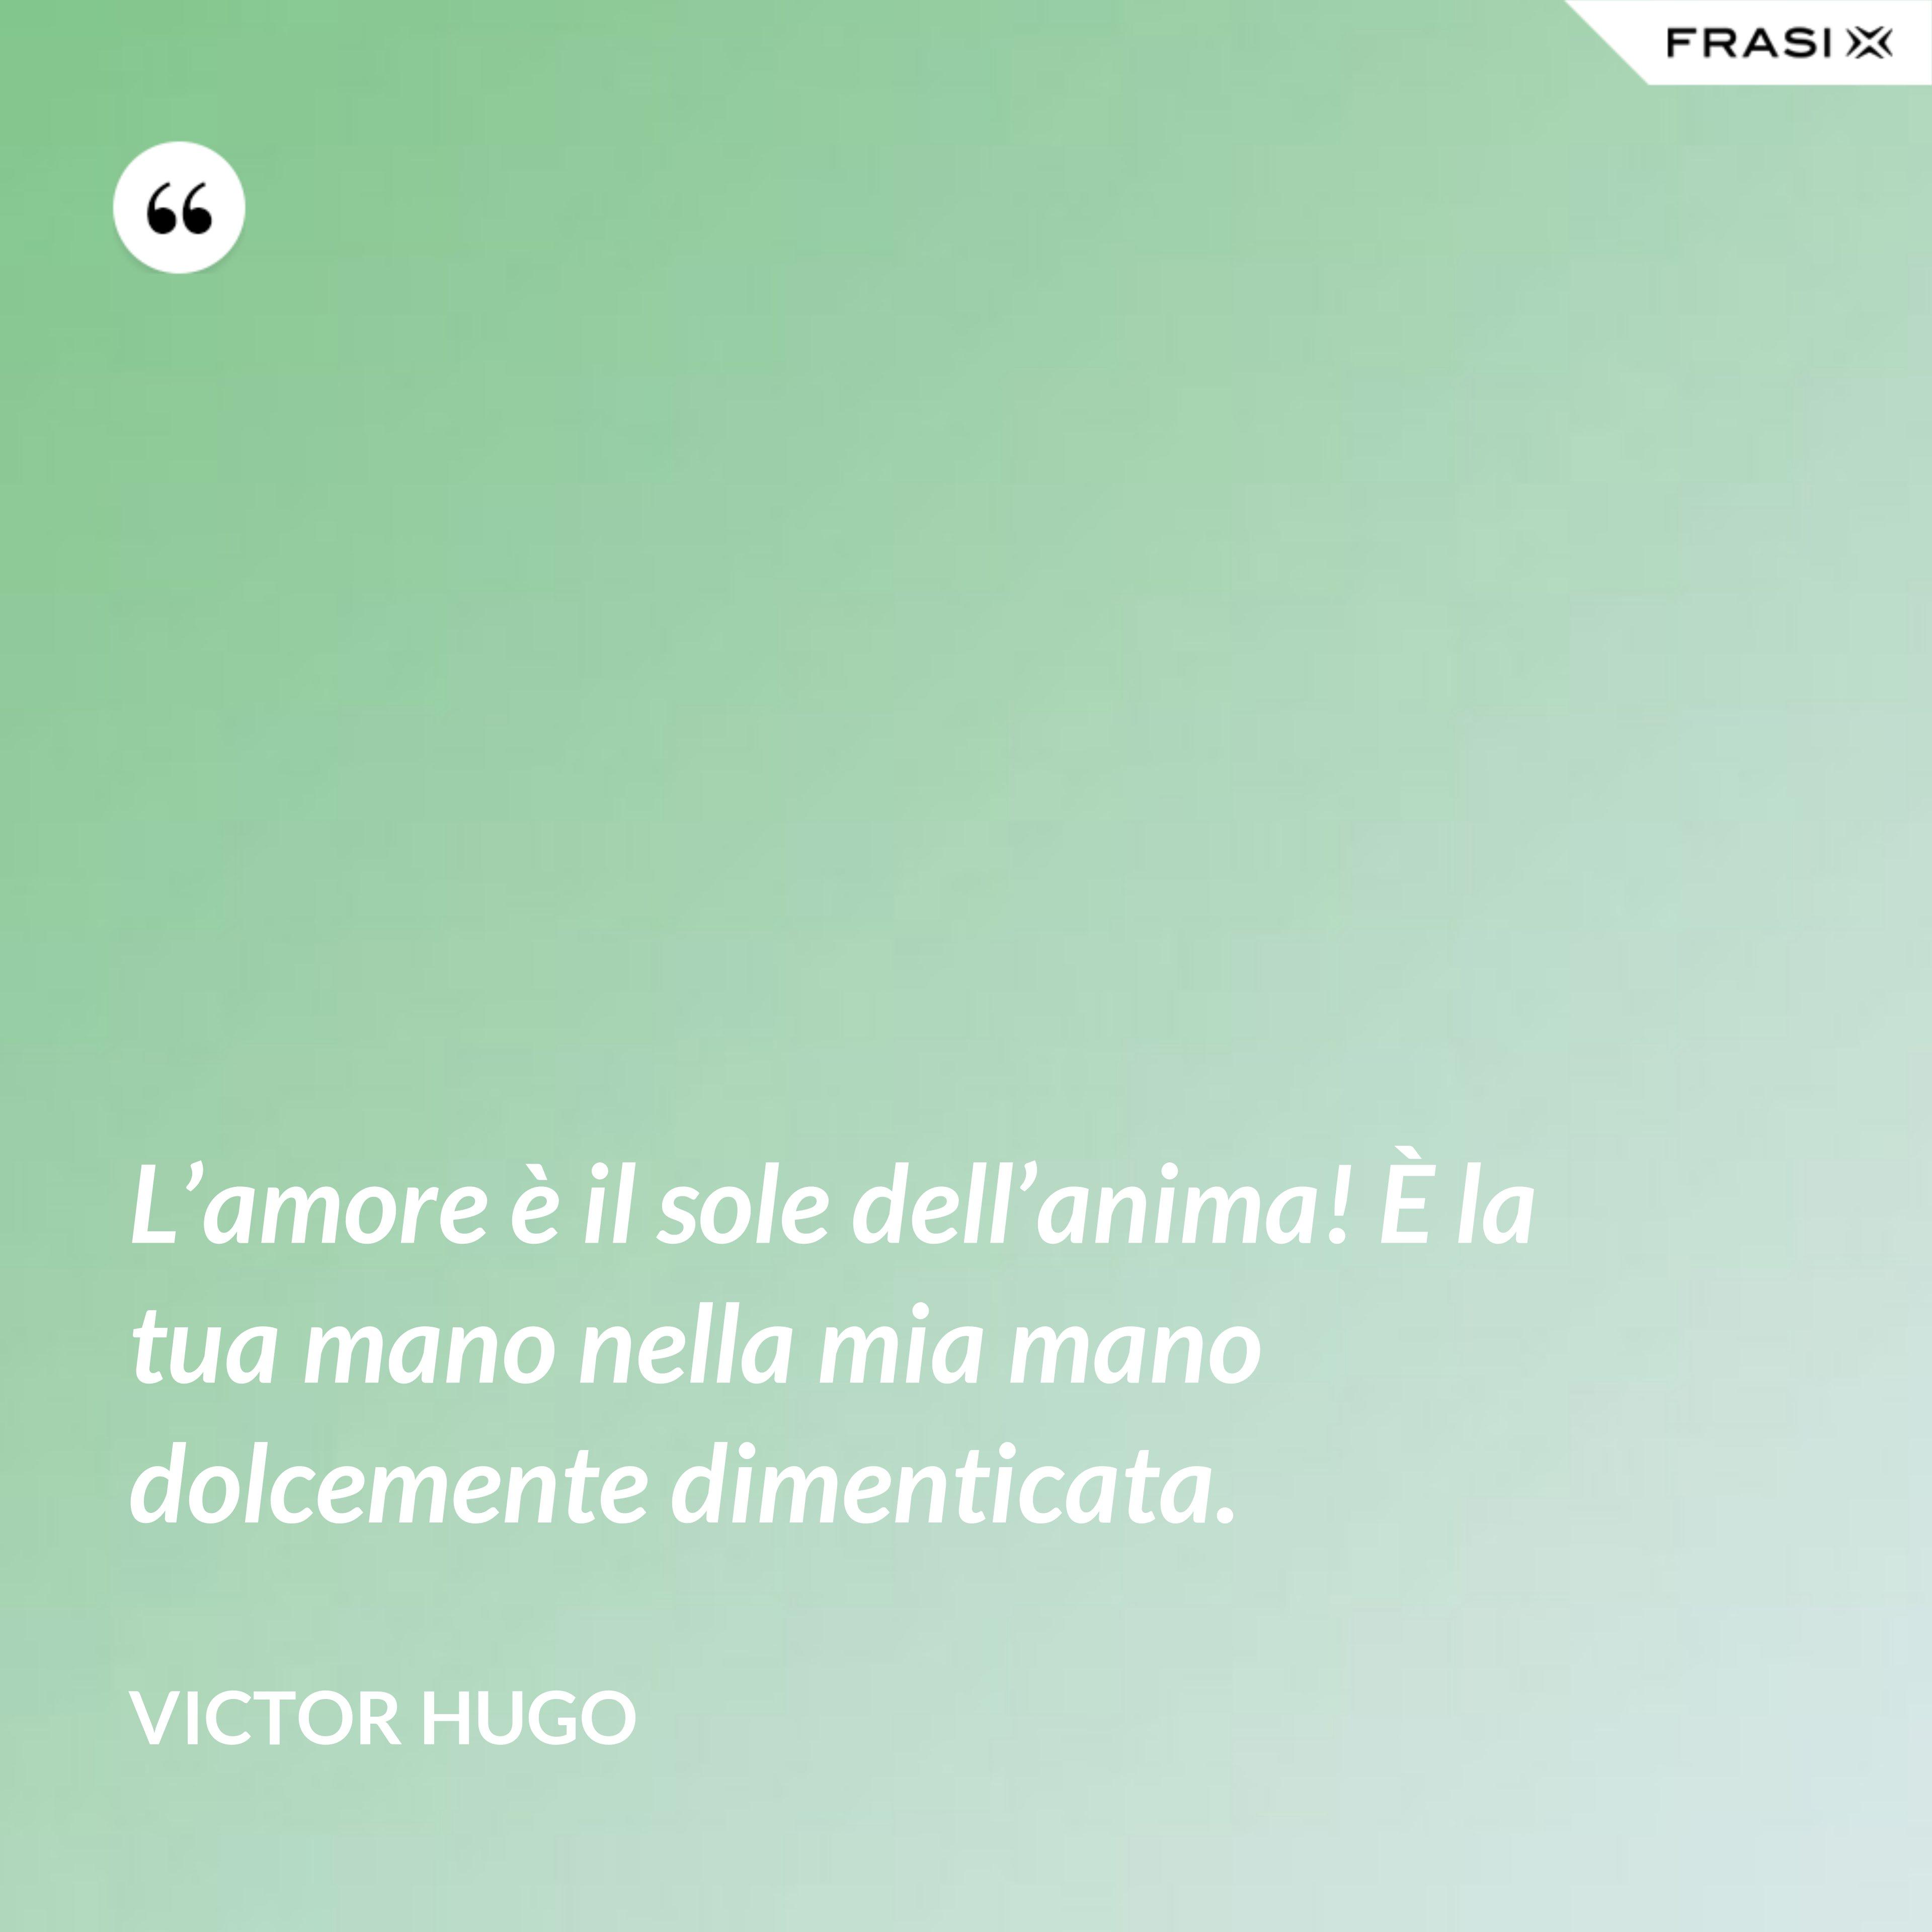 L'amore è il sole dell'anima! È la tua mano nella mia mano dolcemente dimenticata. - Victor Hugo